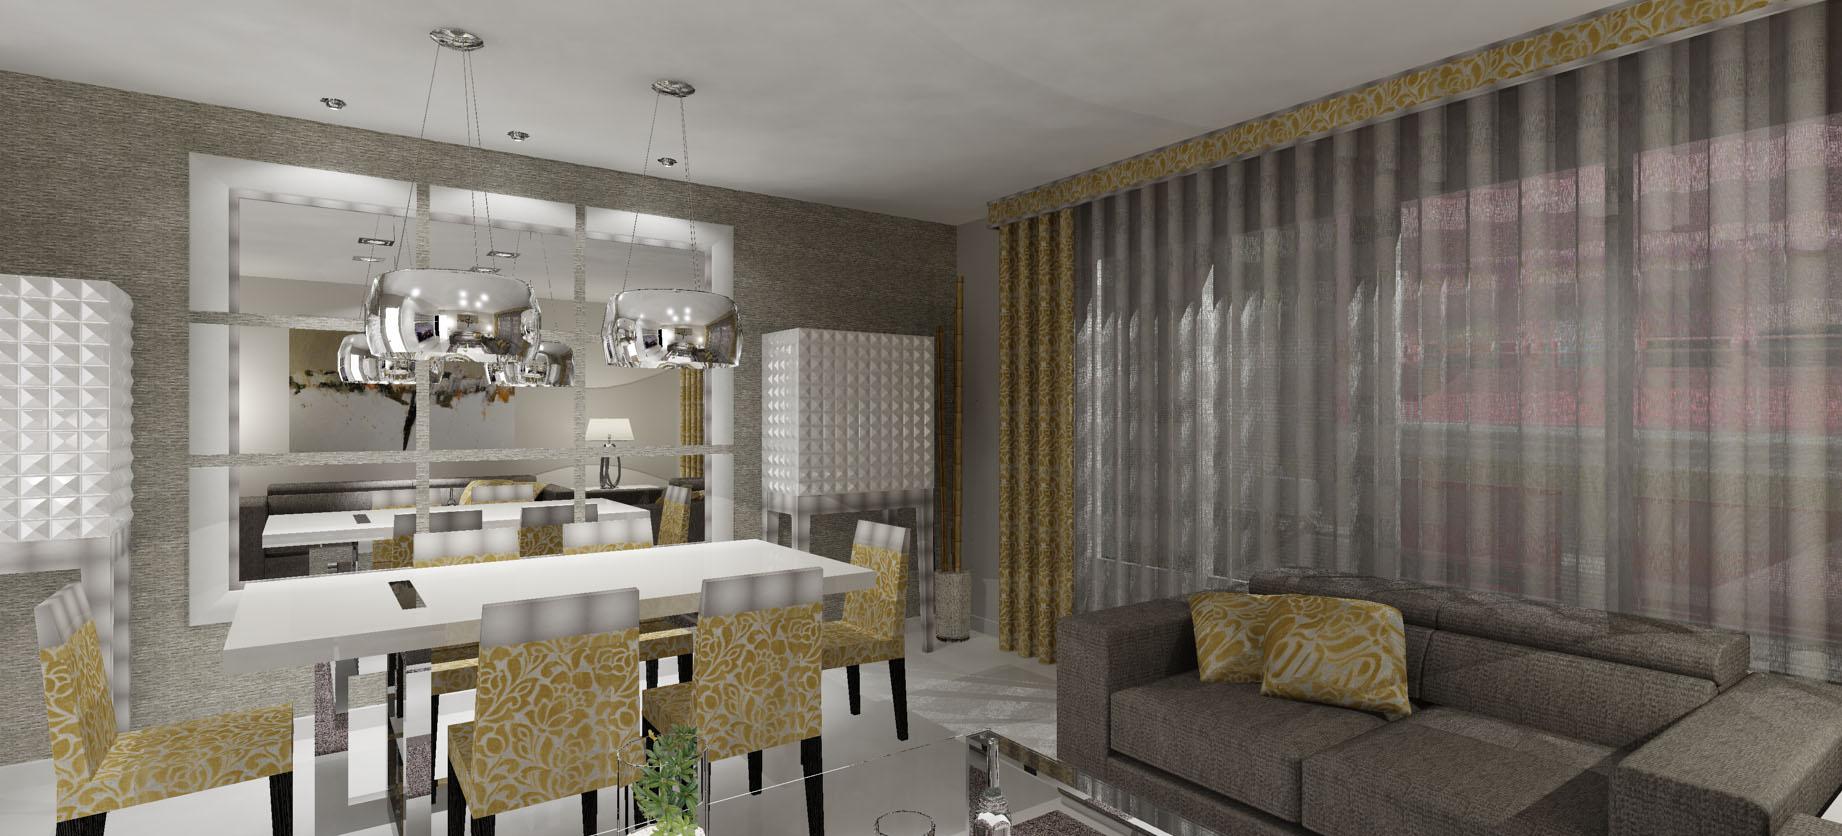 C mo colocar en las ventanas los visillos con dobles cortinas villalba interiorismo - Visillos para salones ...